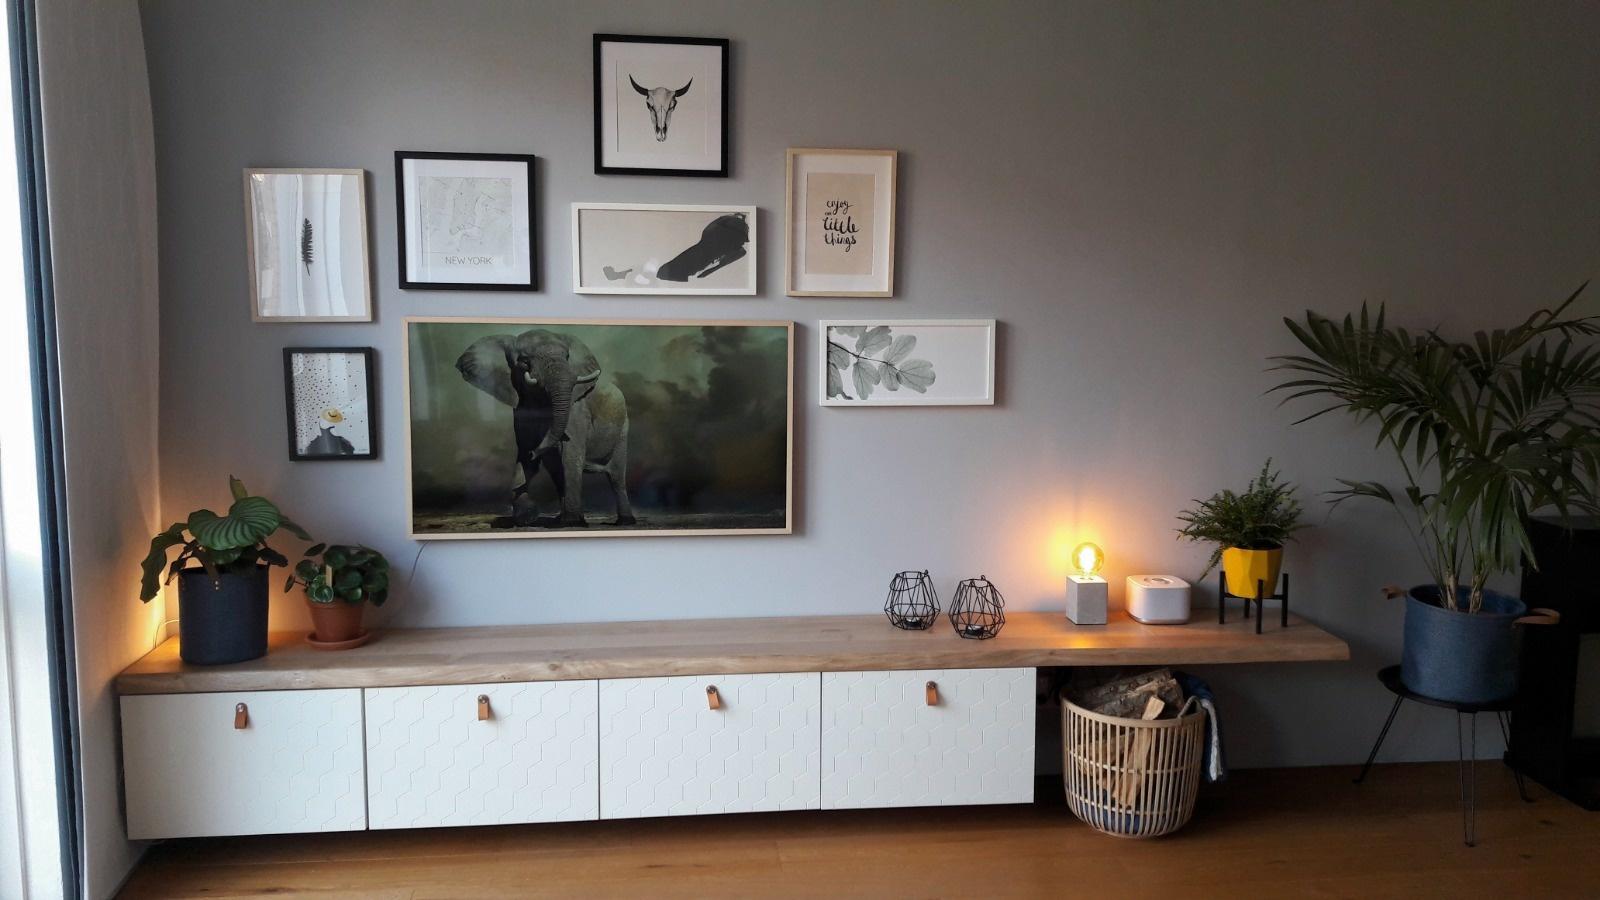 Ikea Tv Meubel Kast.Besta Tv Meubel Eikenhouten Plank Boomstam Tafels